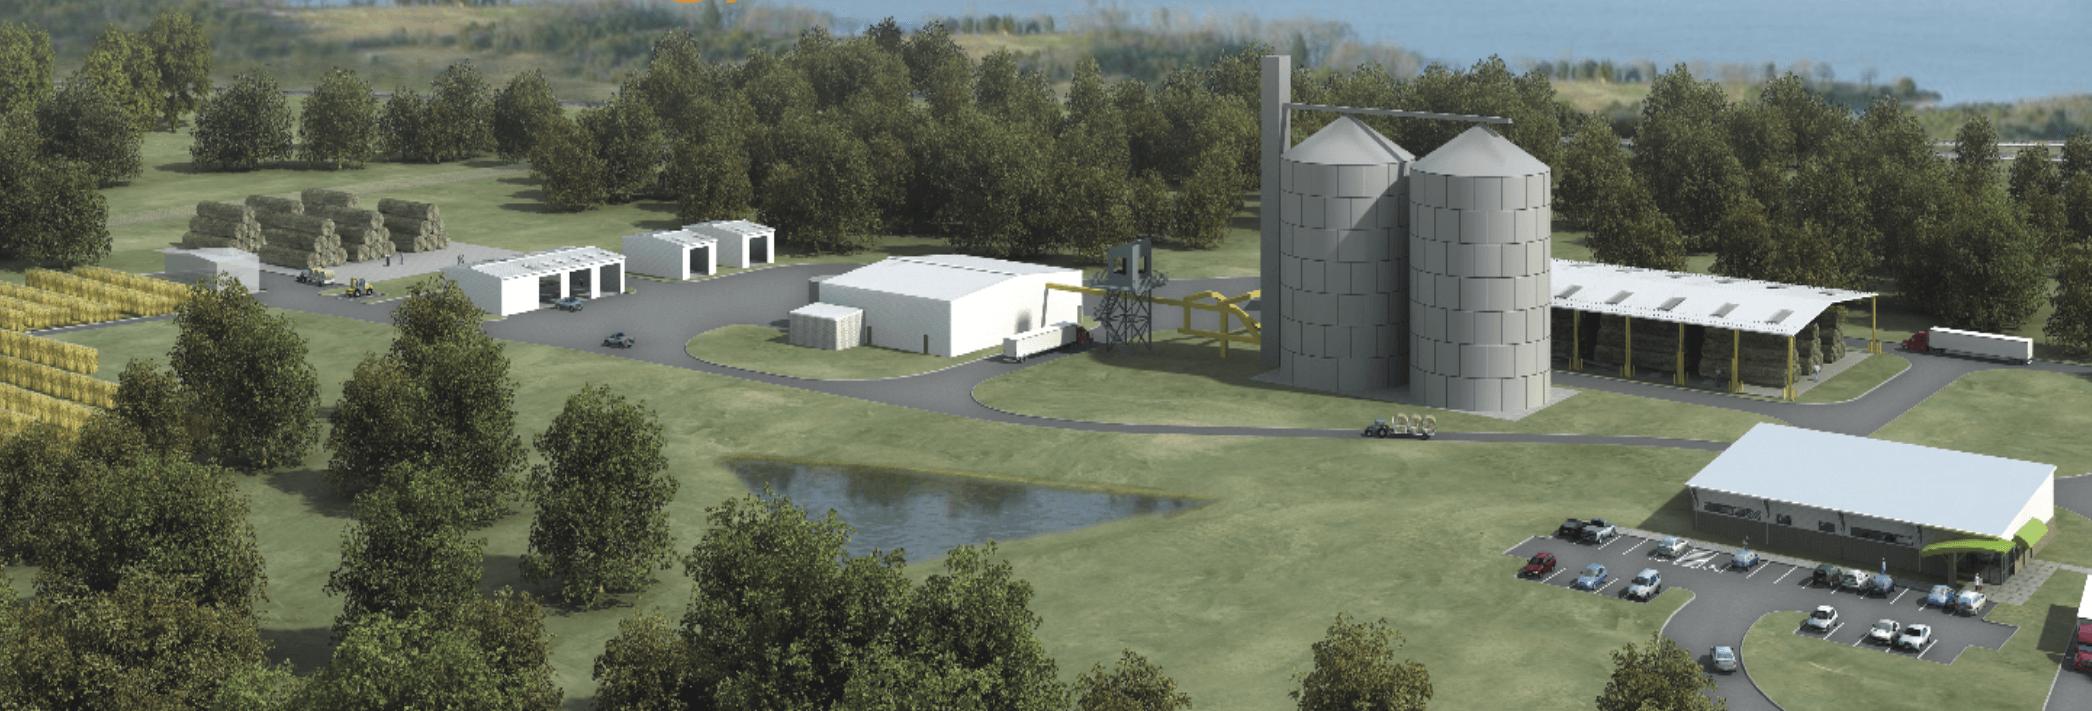 Genera Biomass Innovation Park